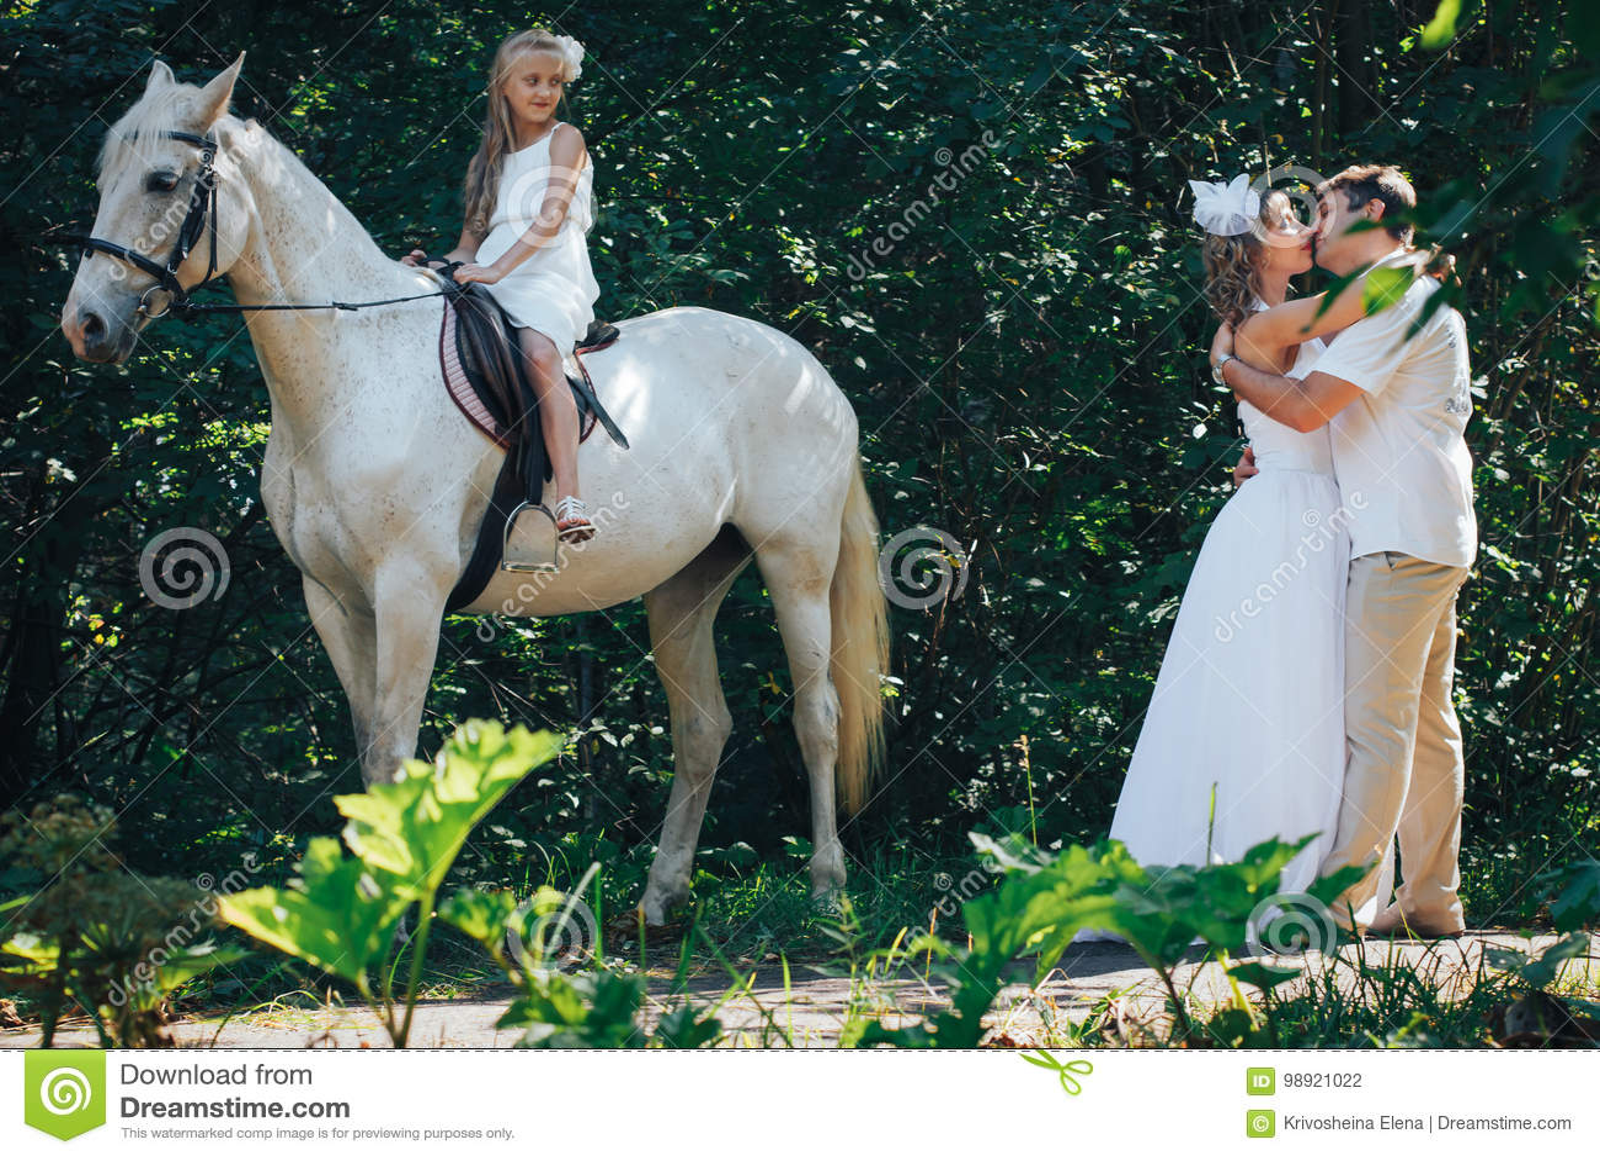 Imagenes de mujer vestida de blanco